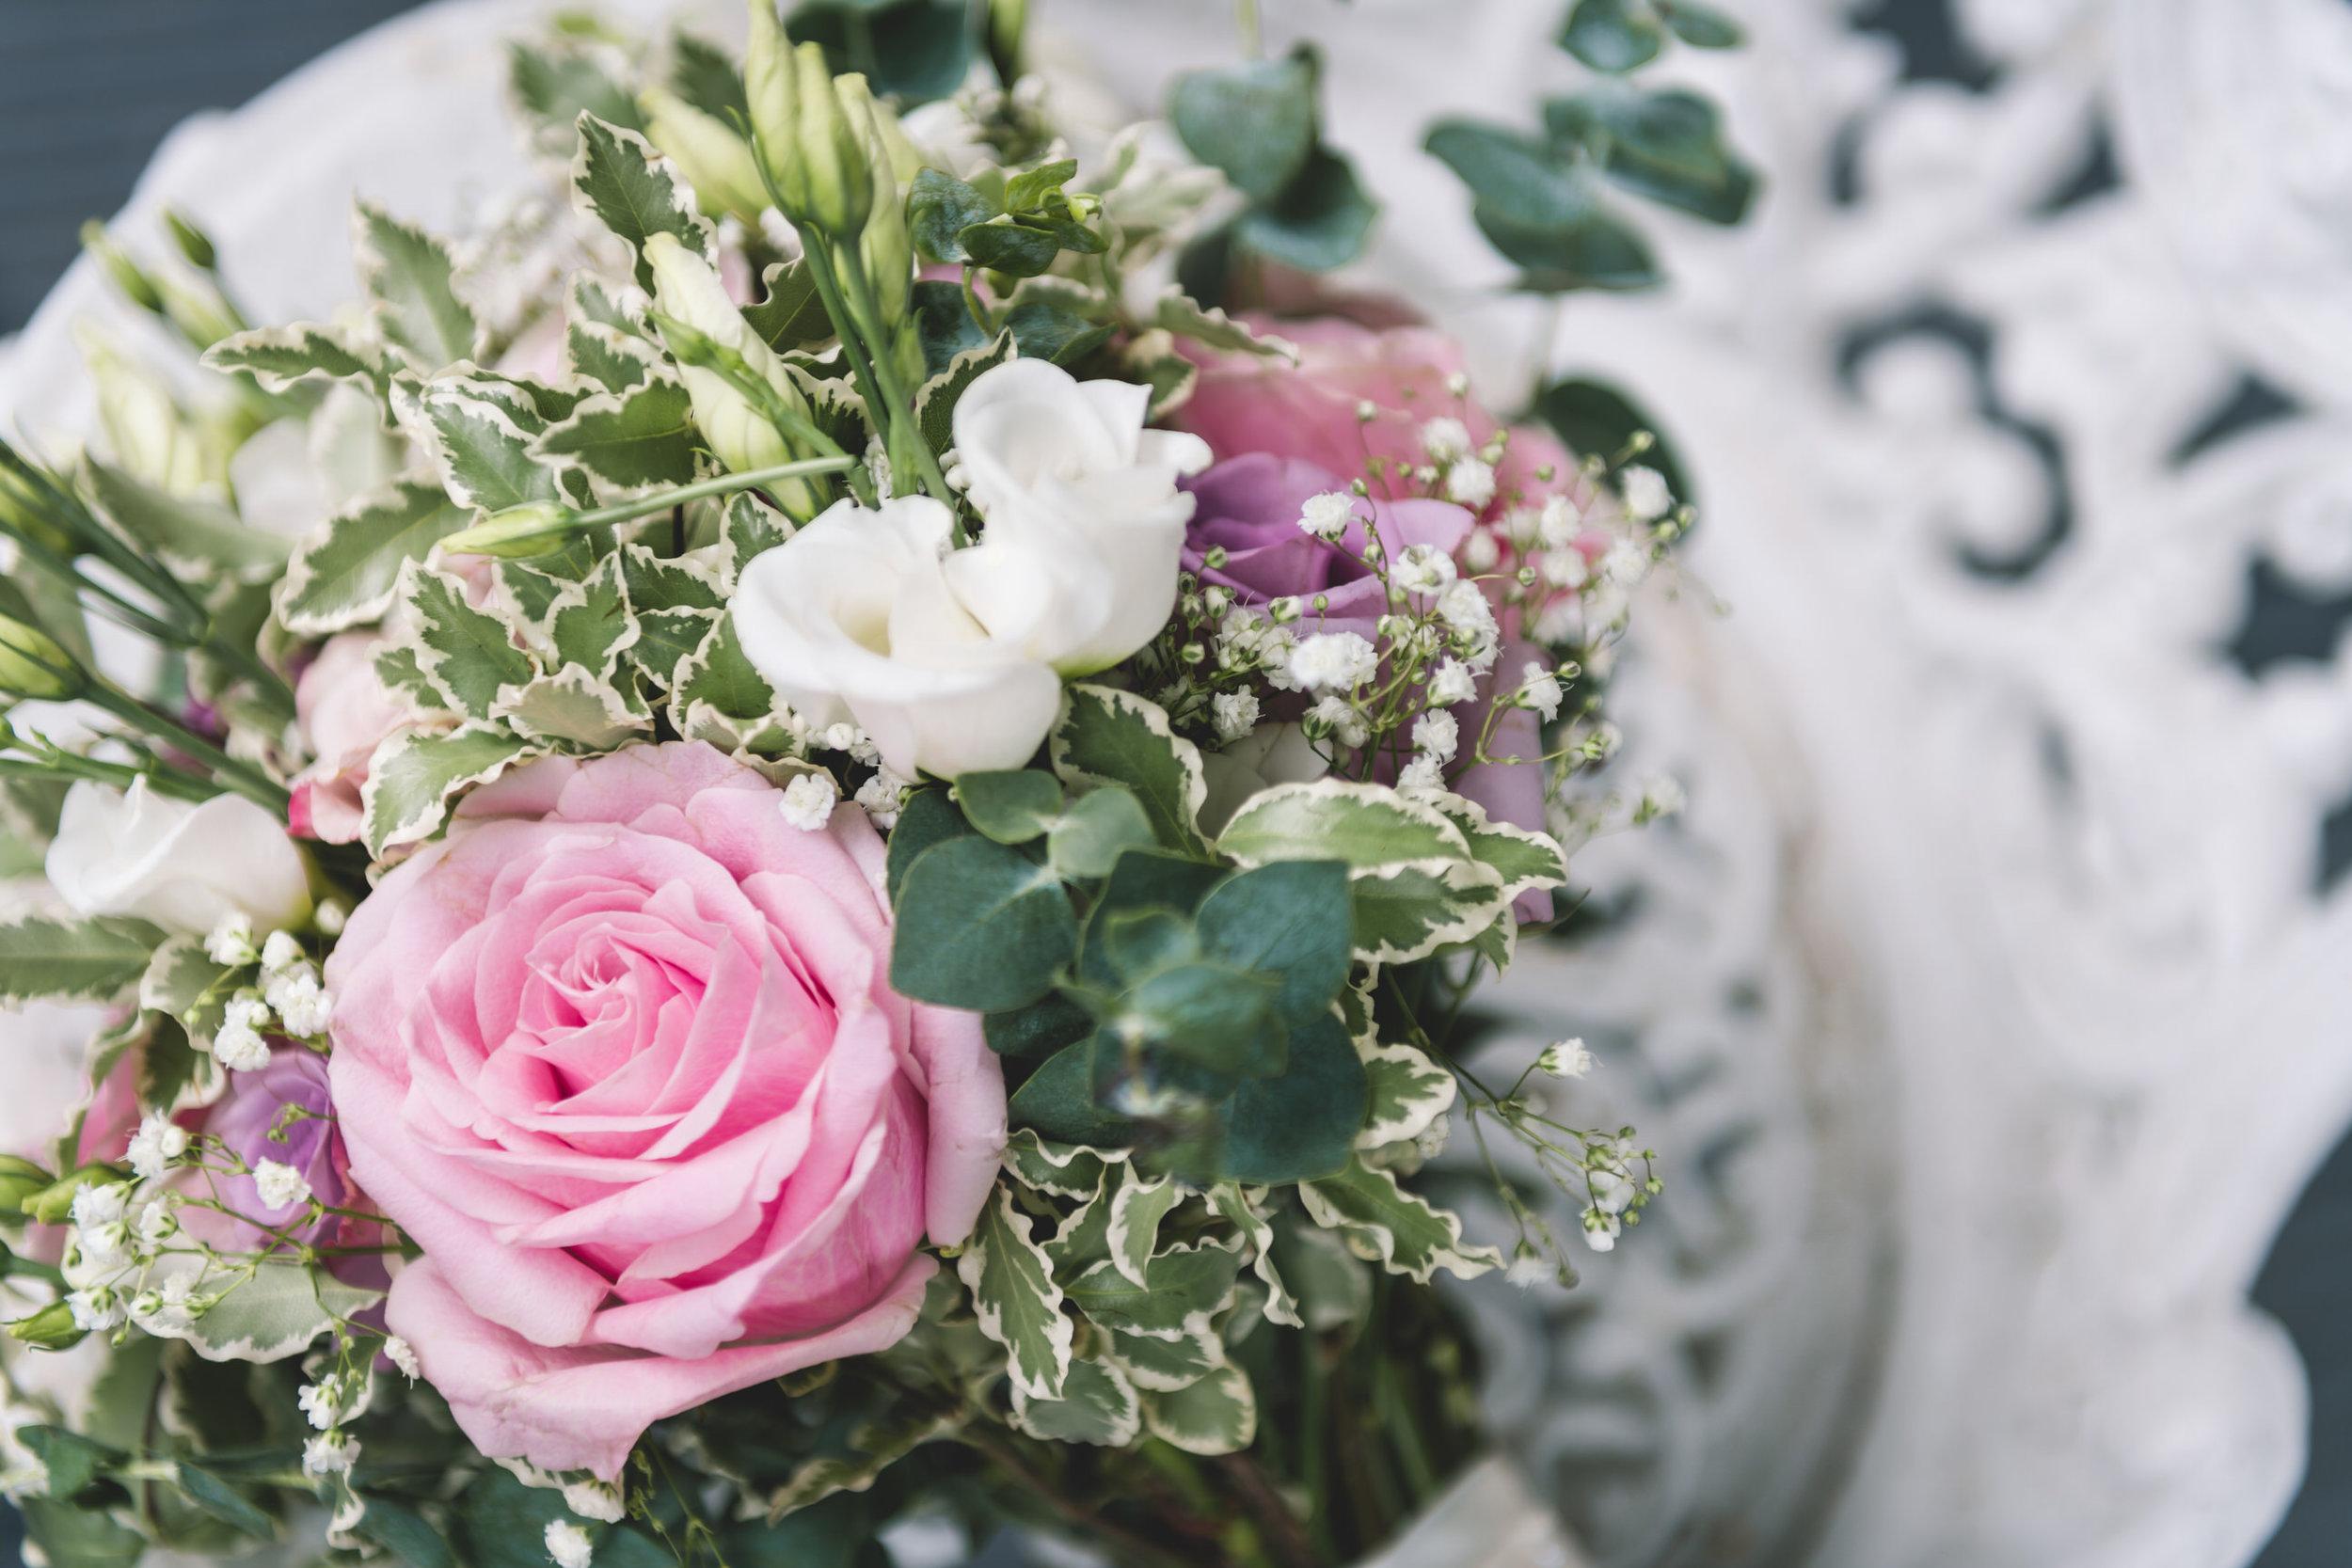 chainbridge-wedding-leeds-wedding-photographer-29.jpg